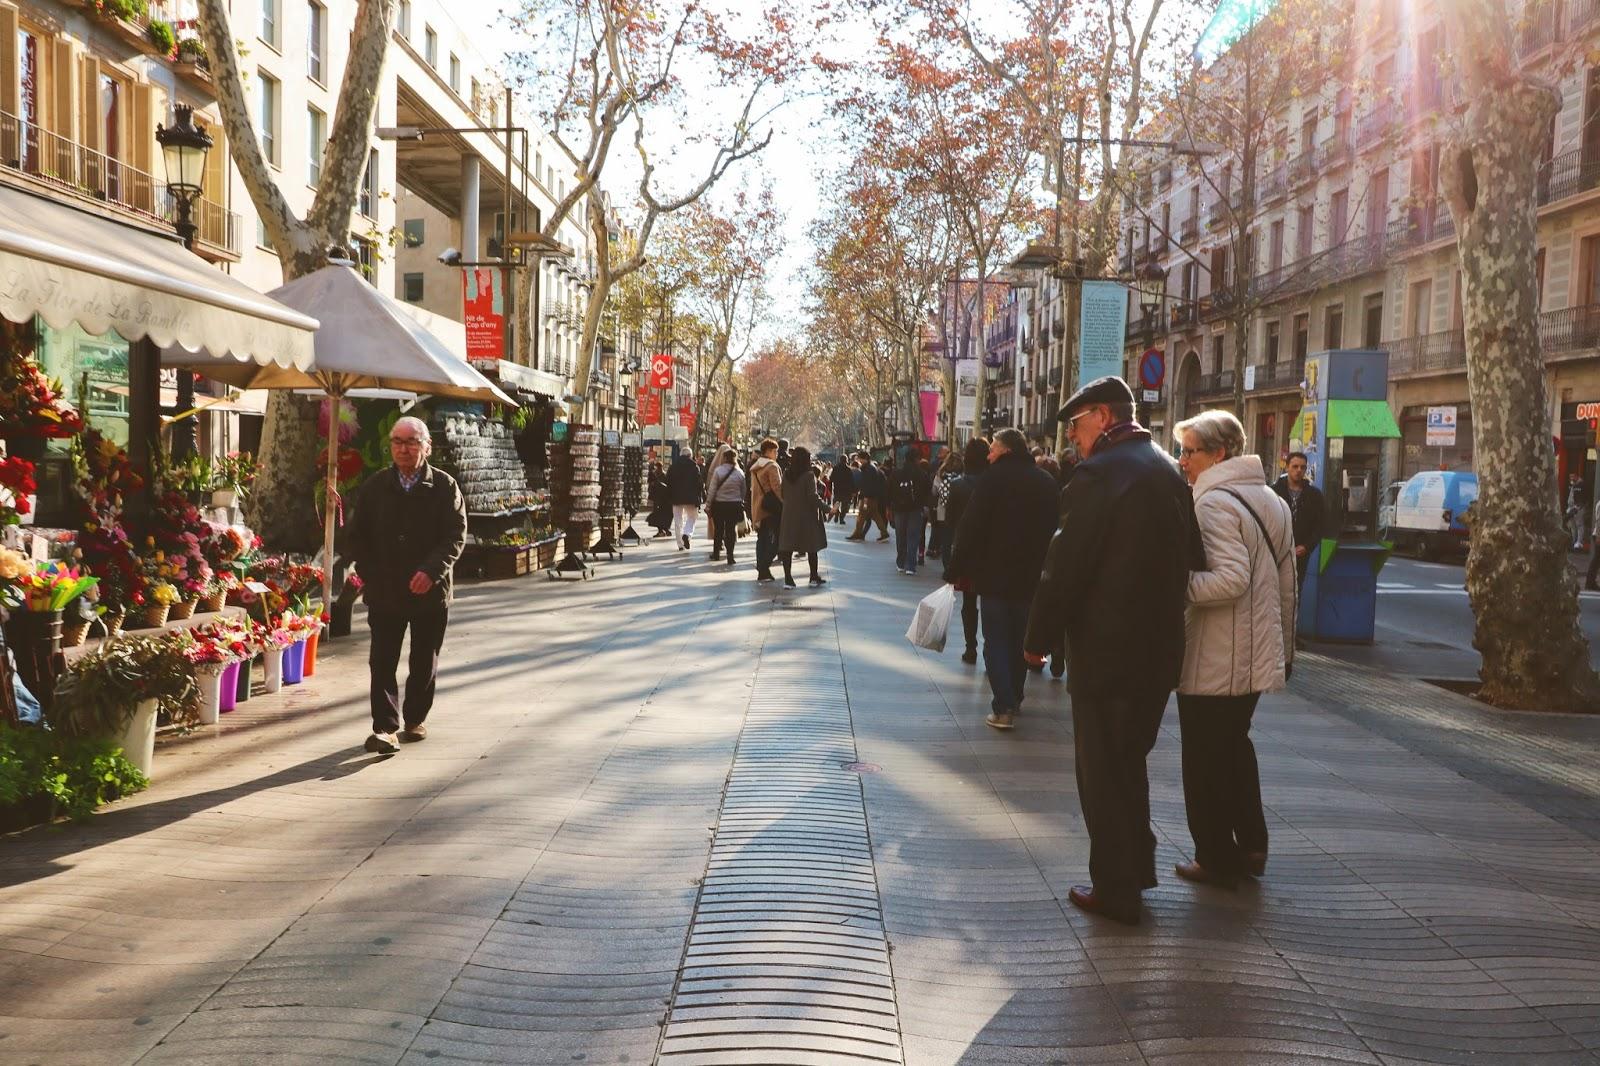 atrakcje zwiedzanie barcelona